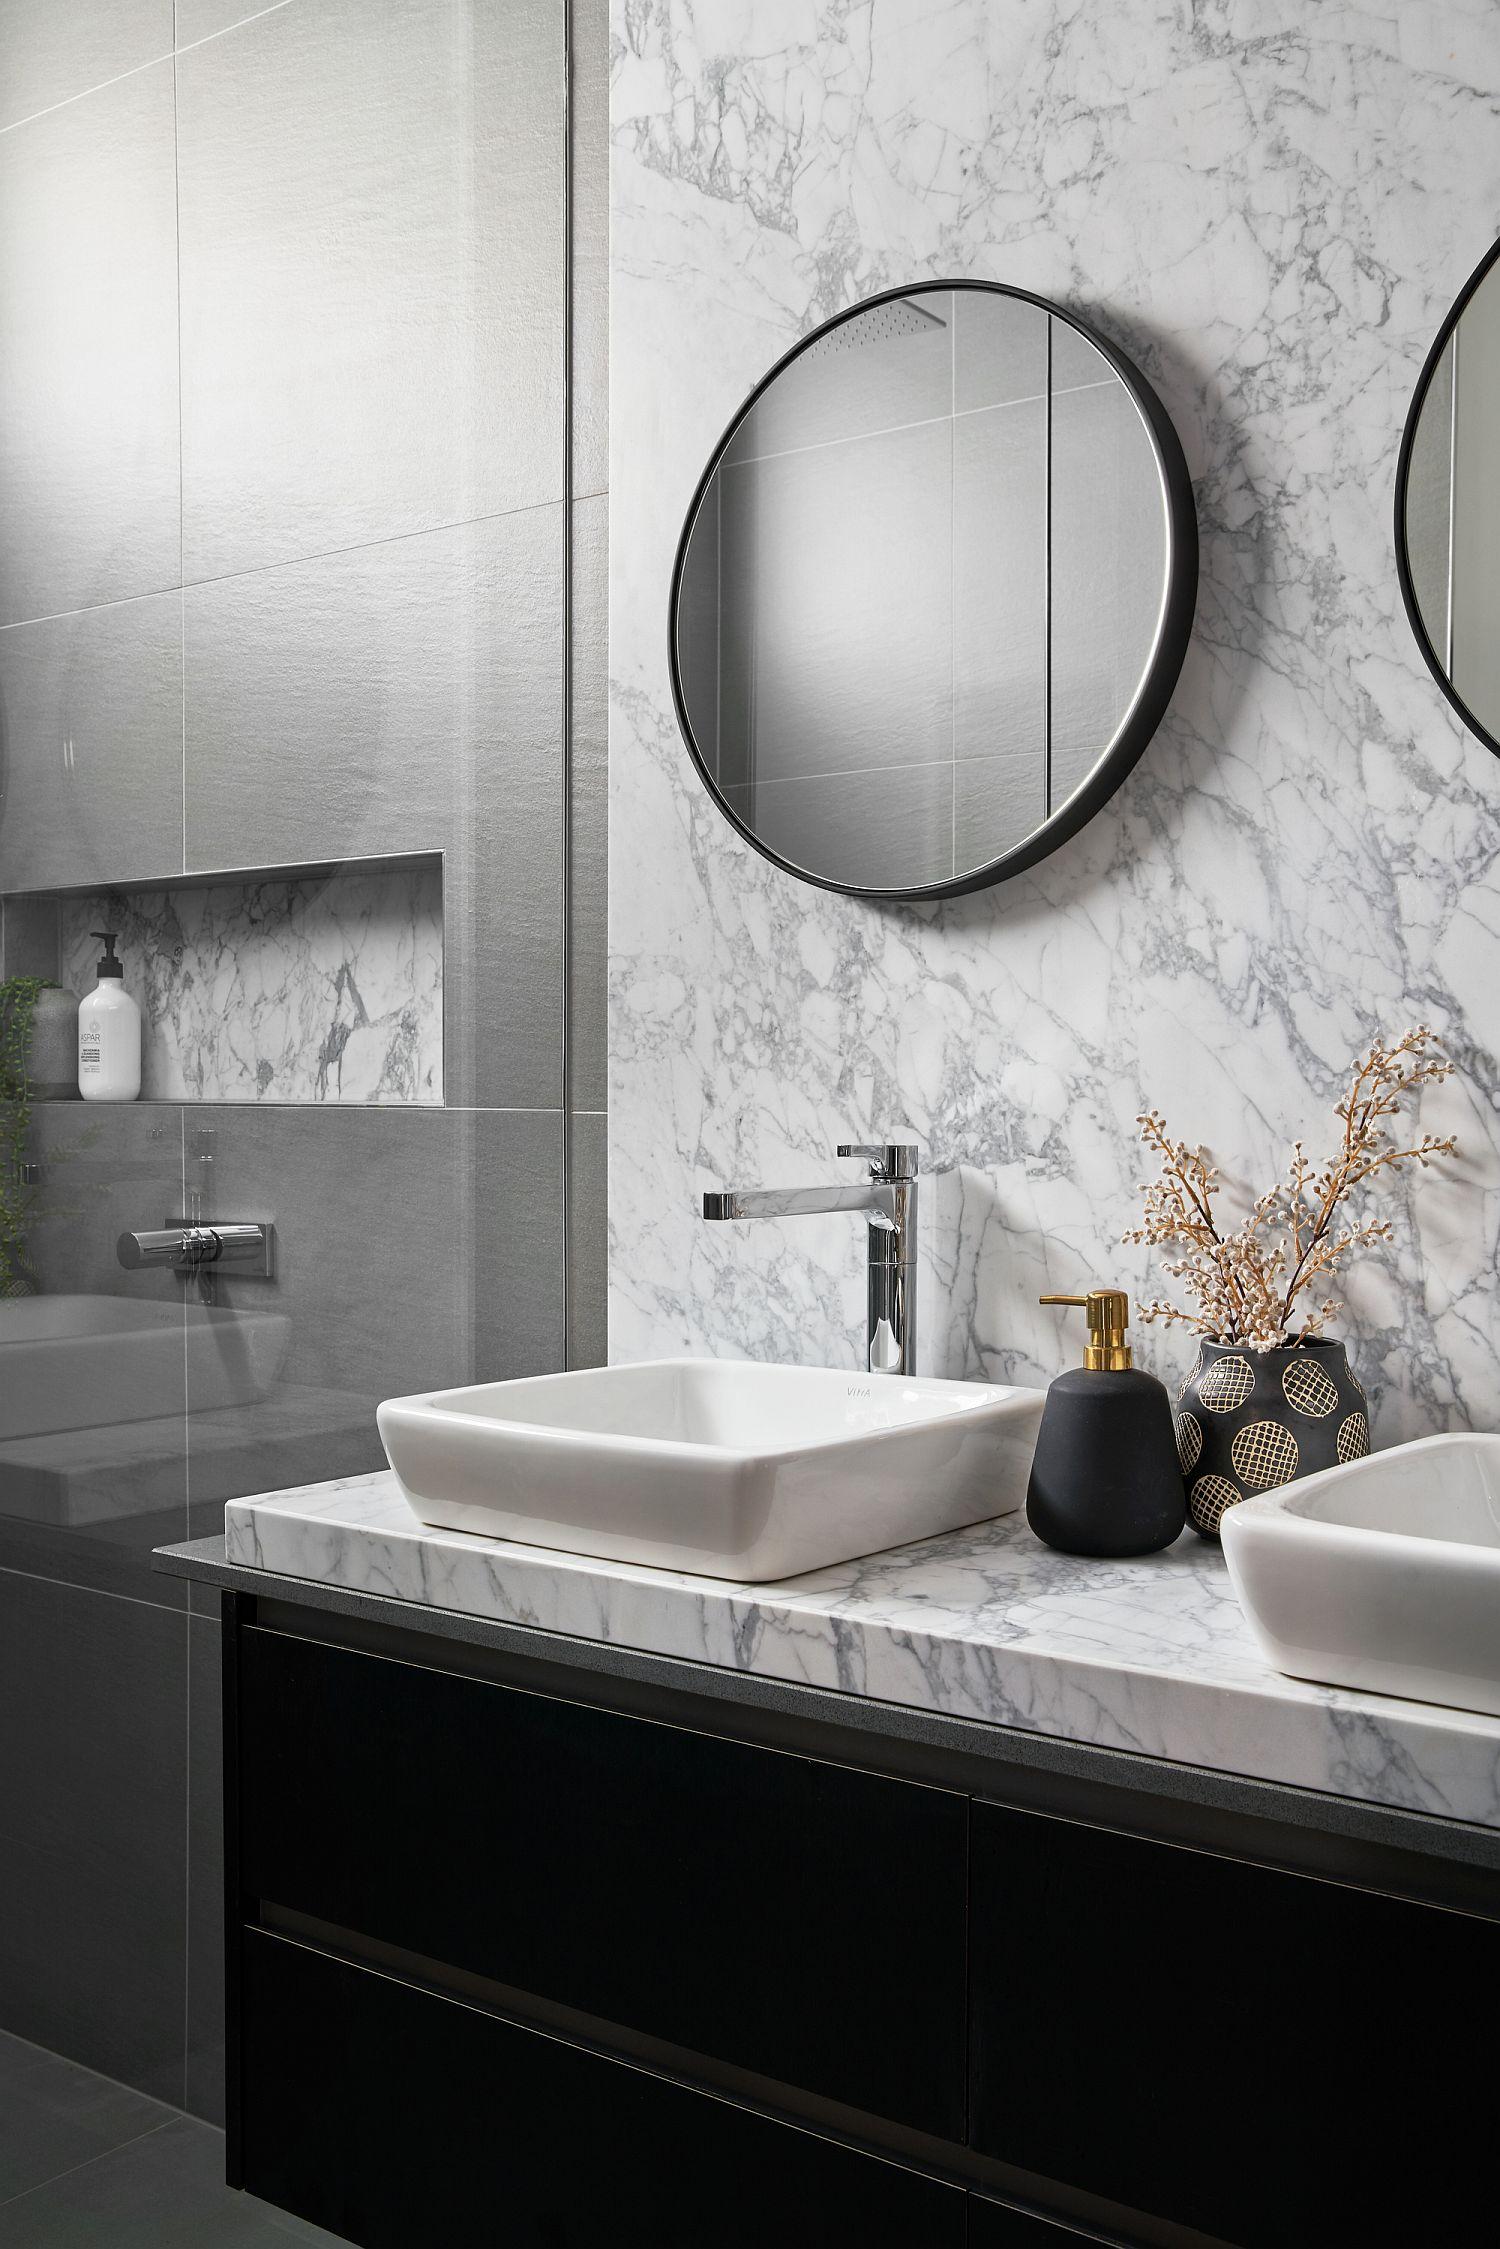 Marble covered bathroom vanity in black